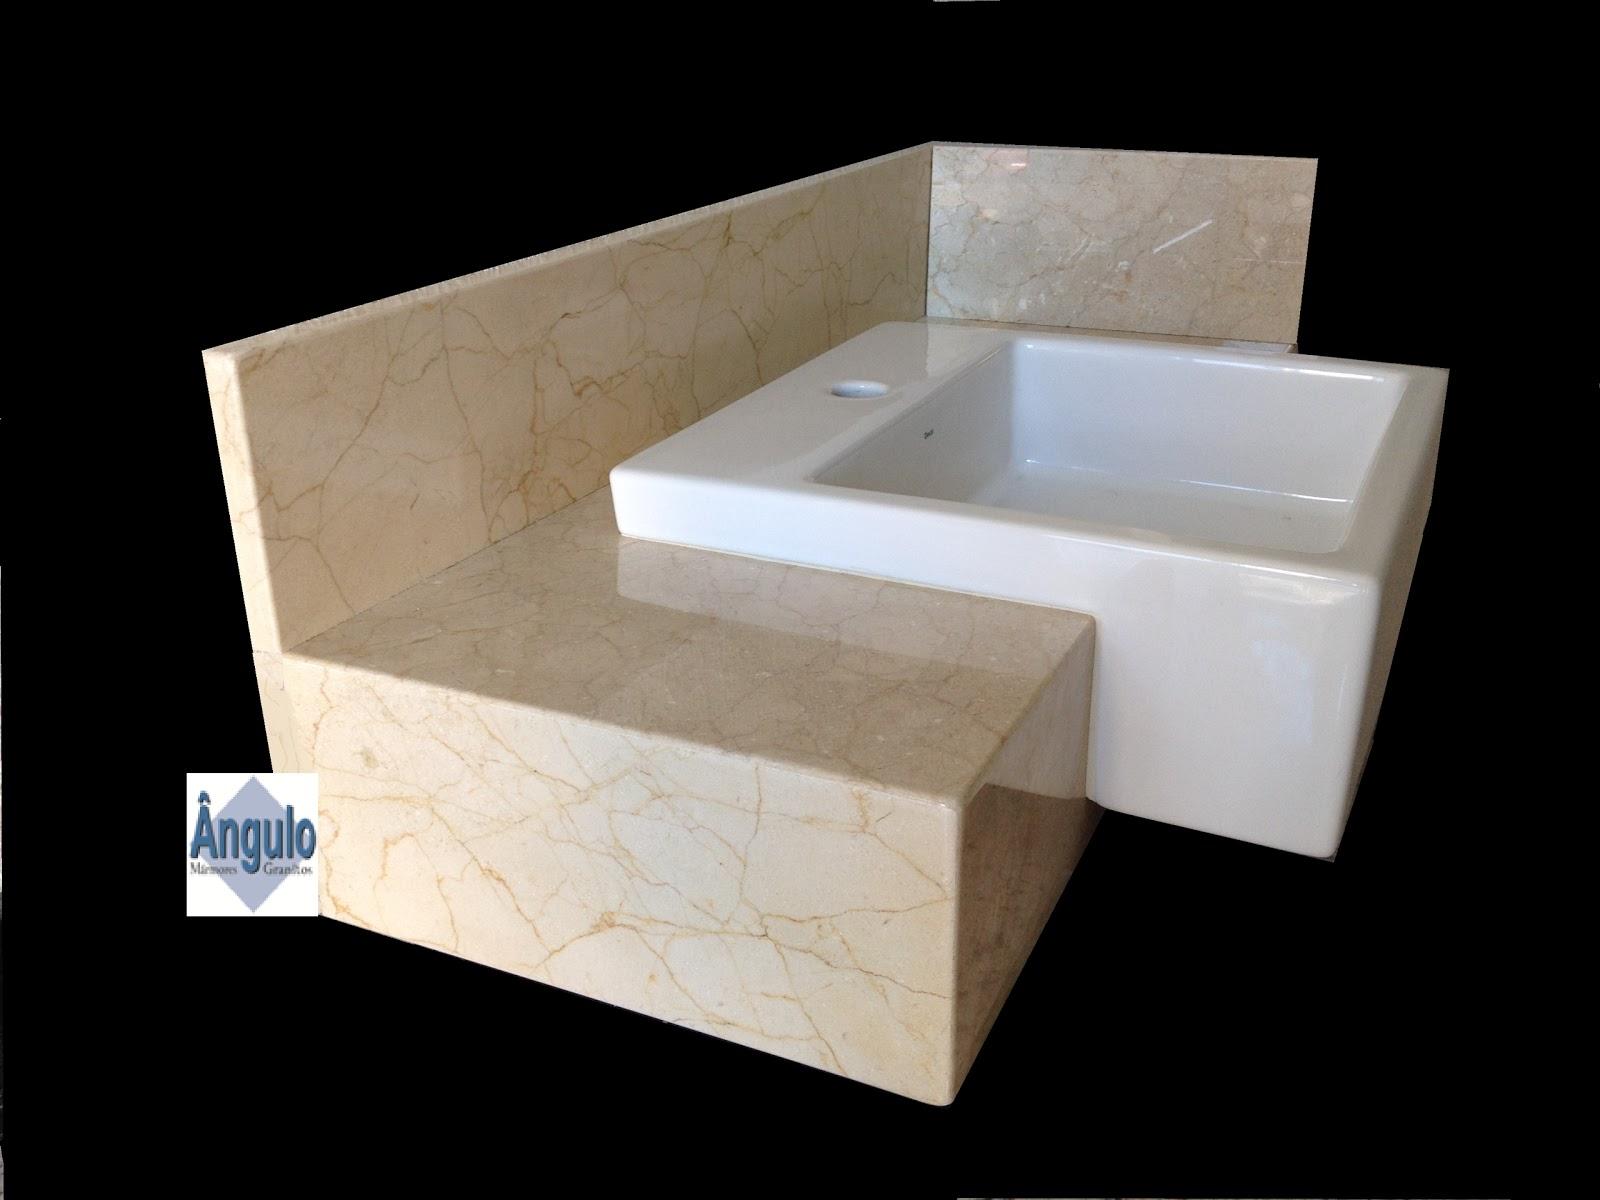 Ângulo Mármores e Granitos: Banheiros #476784 1600x1200 Bancada Banheiro Vermelha